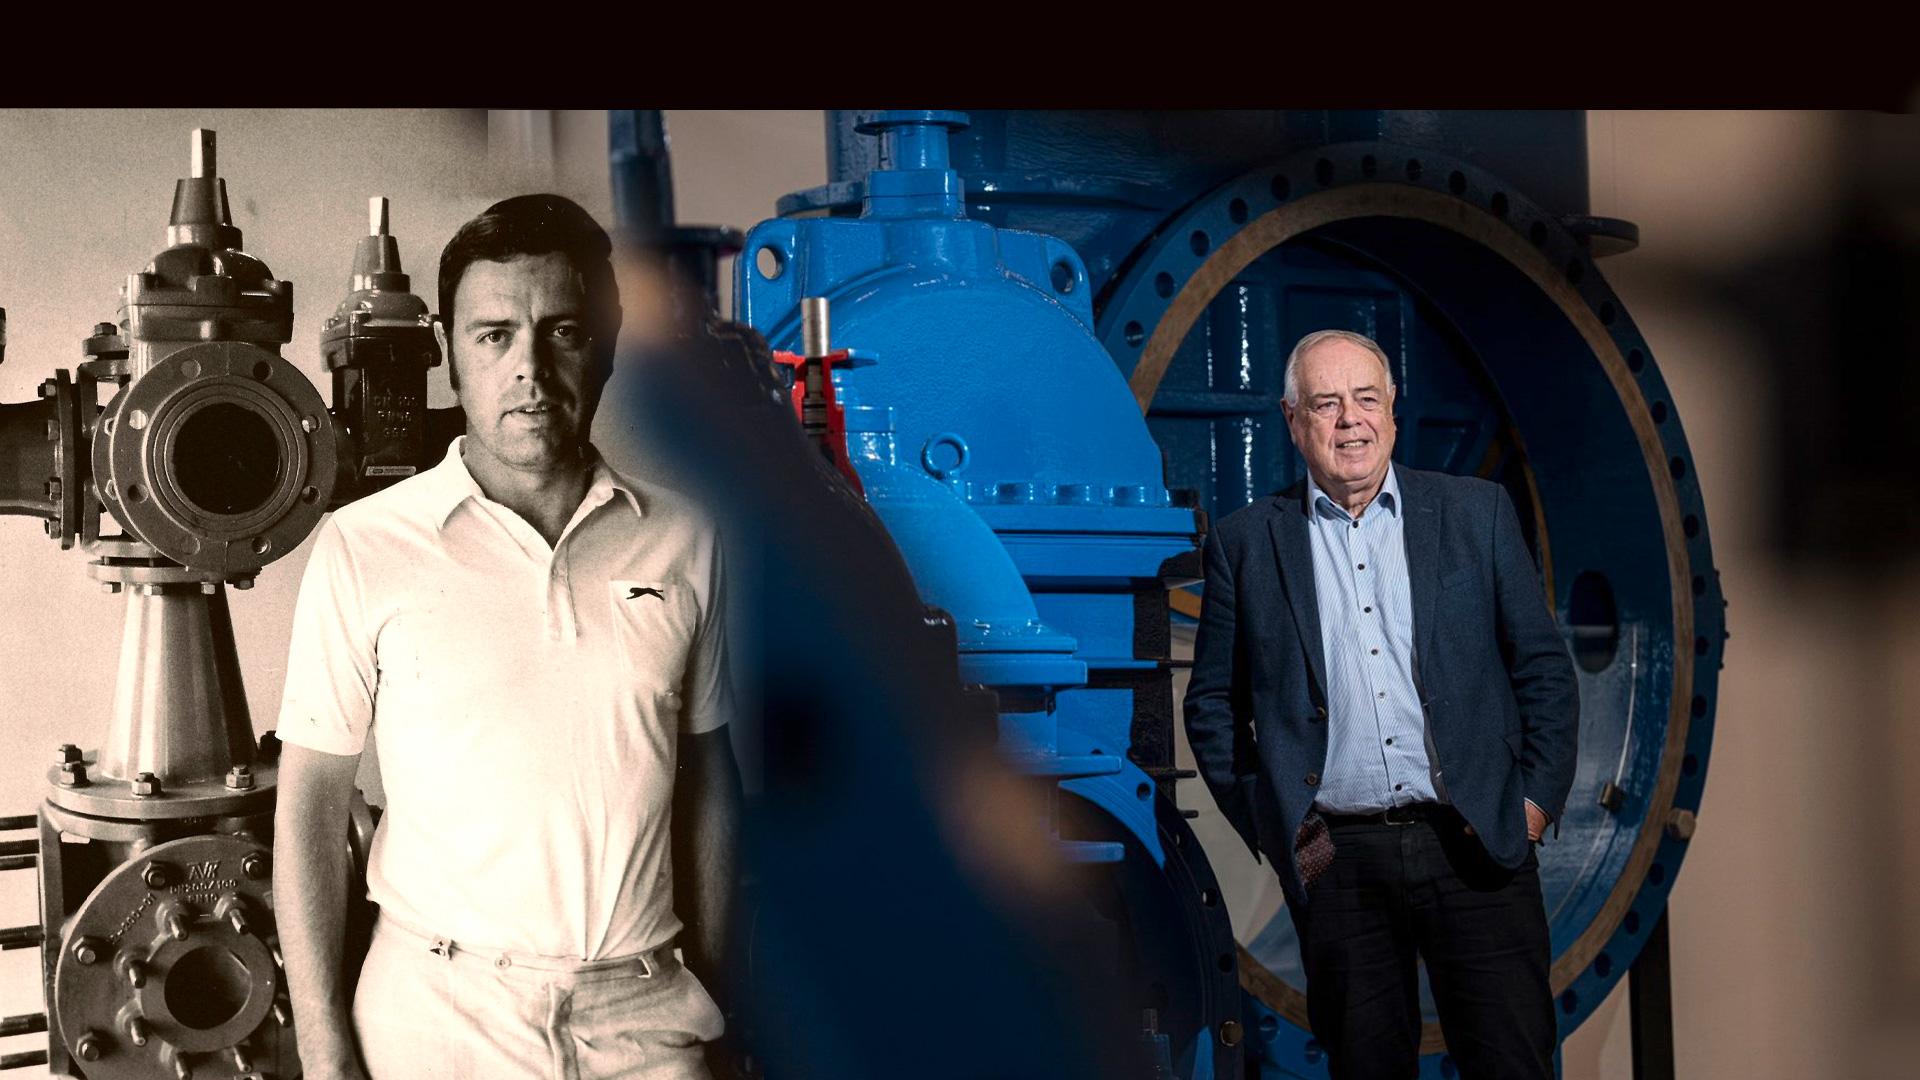 Aniversarea a 50 de ani de muncă pentru Niels Aage Kjær